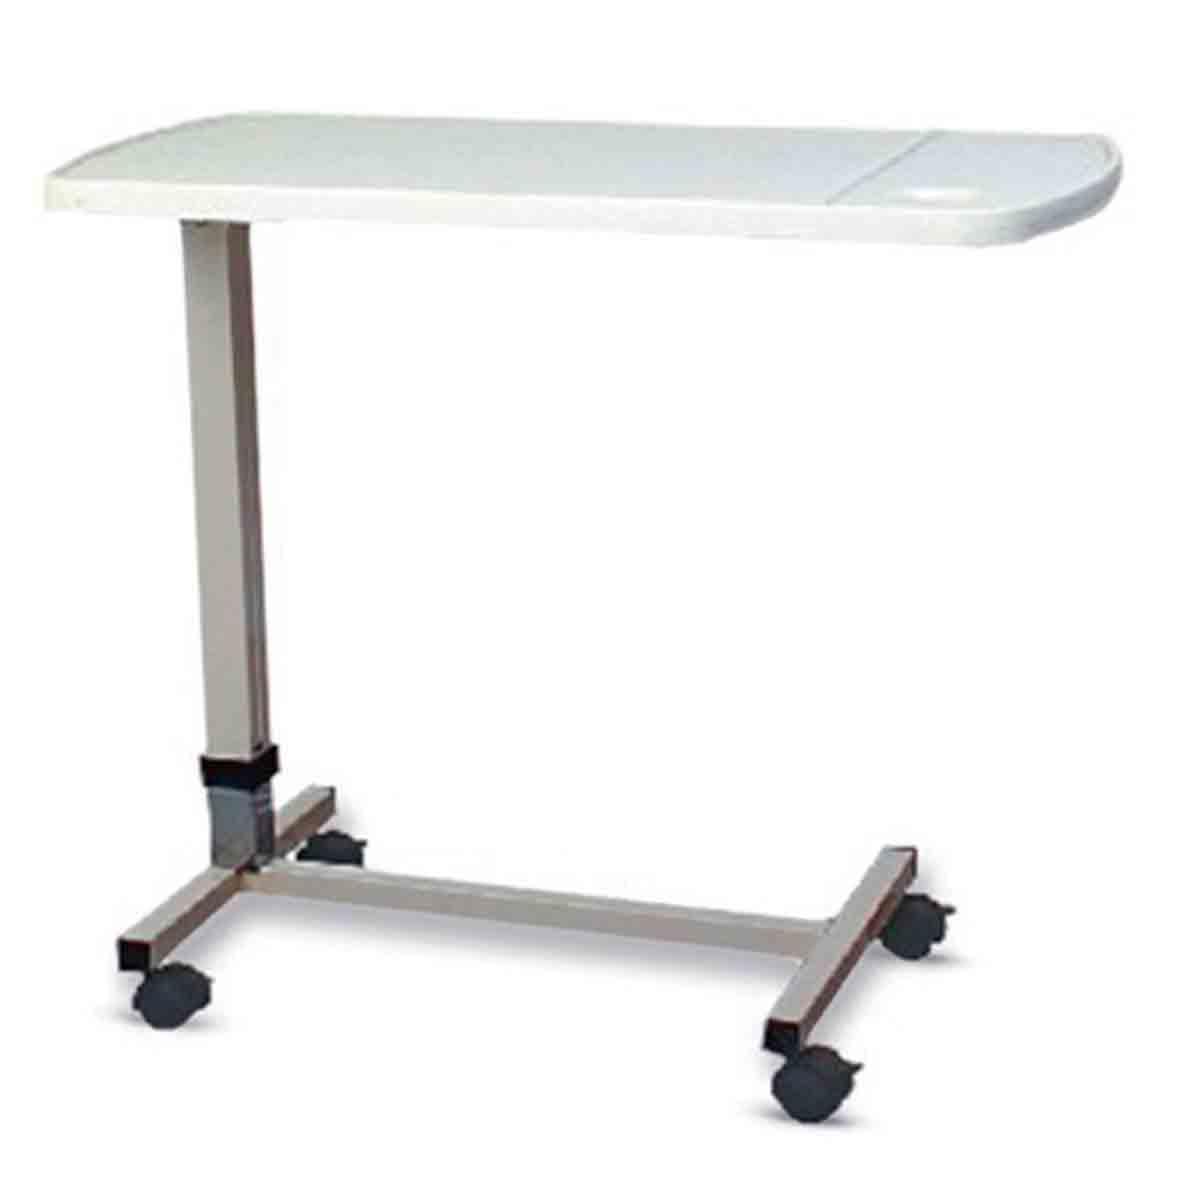 Tavolino Da Letto.Tavolino Da Letto A Ruote Ksp D 125